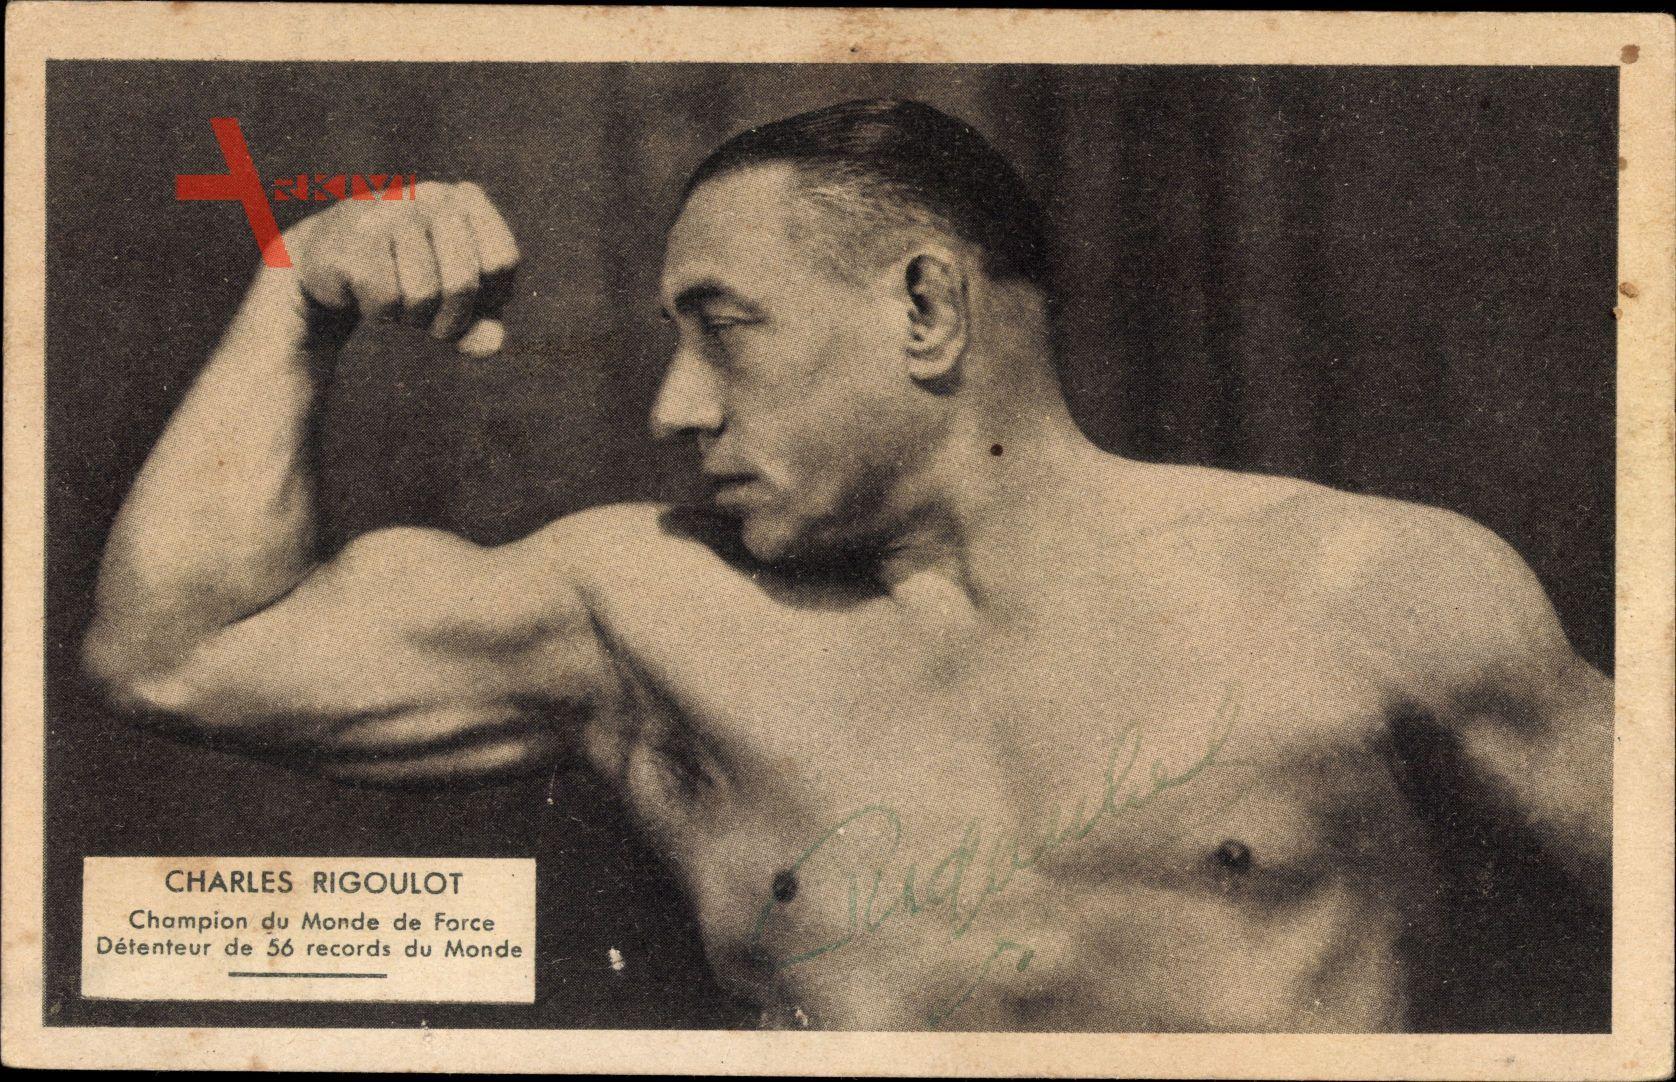 Charles Rigoulot, Gewichtheber, Bodybuilder, Körperkultur